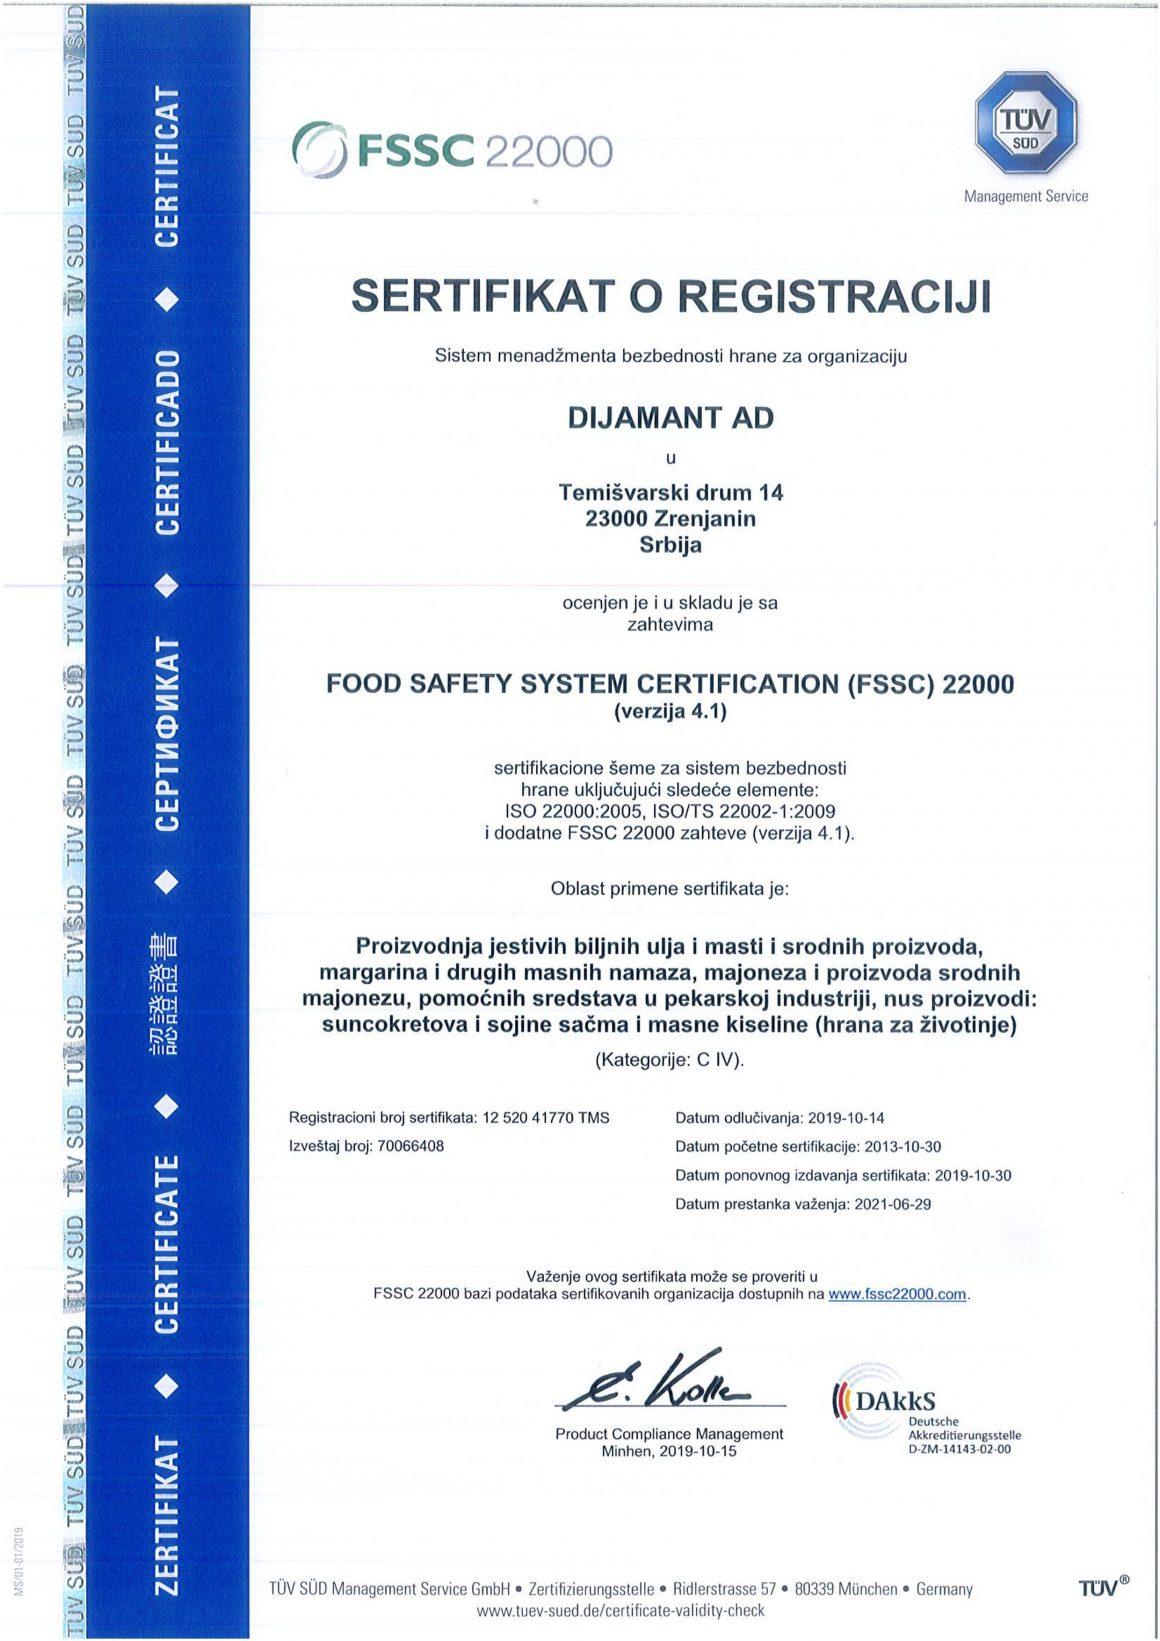 FSSC 22000 SRB 2019